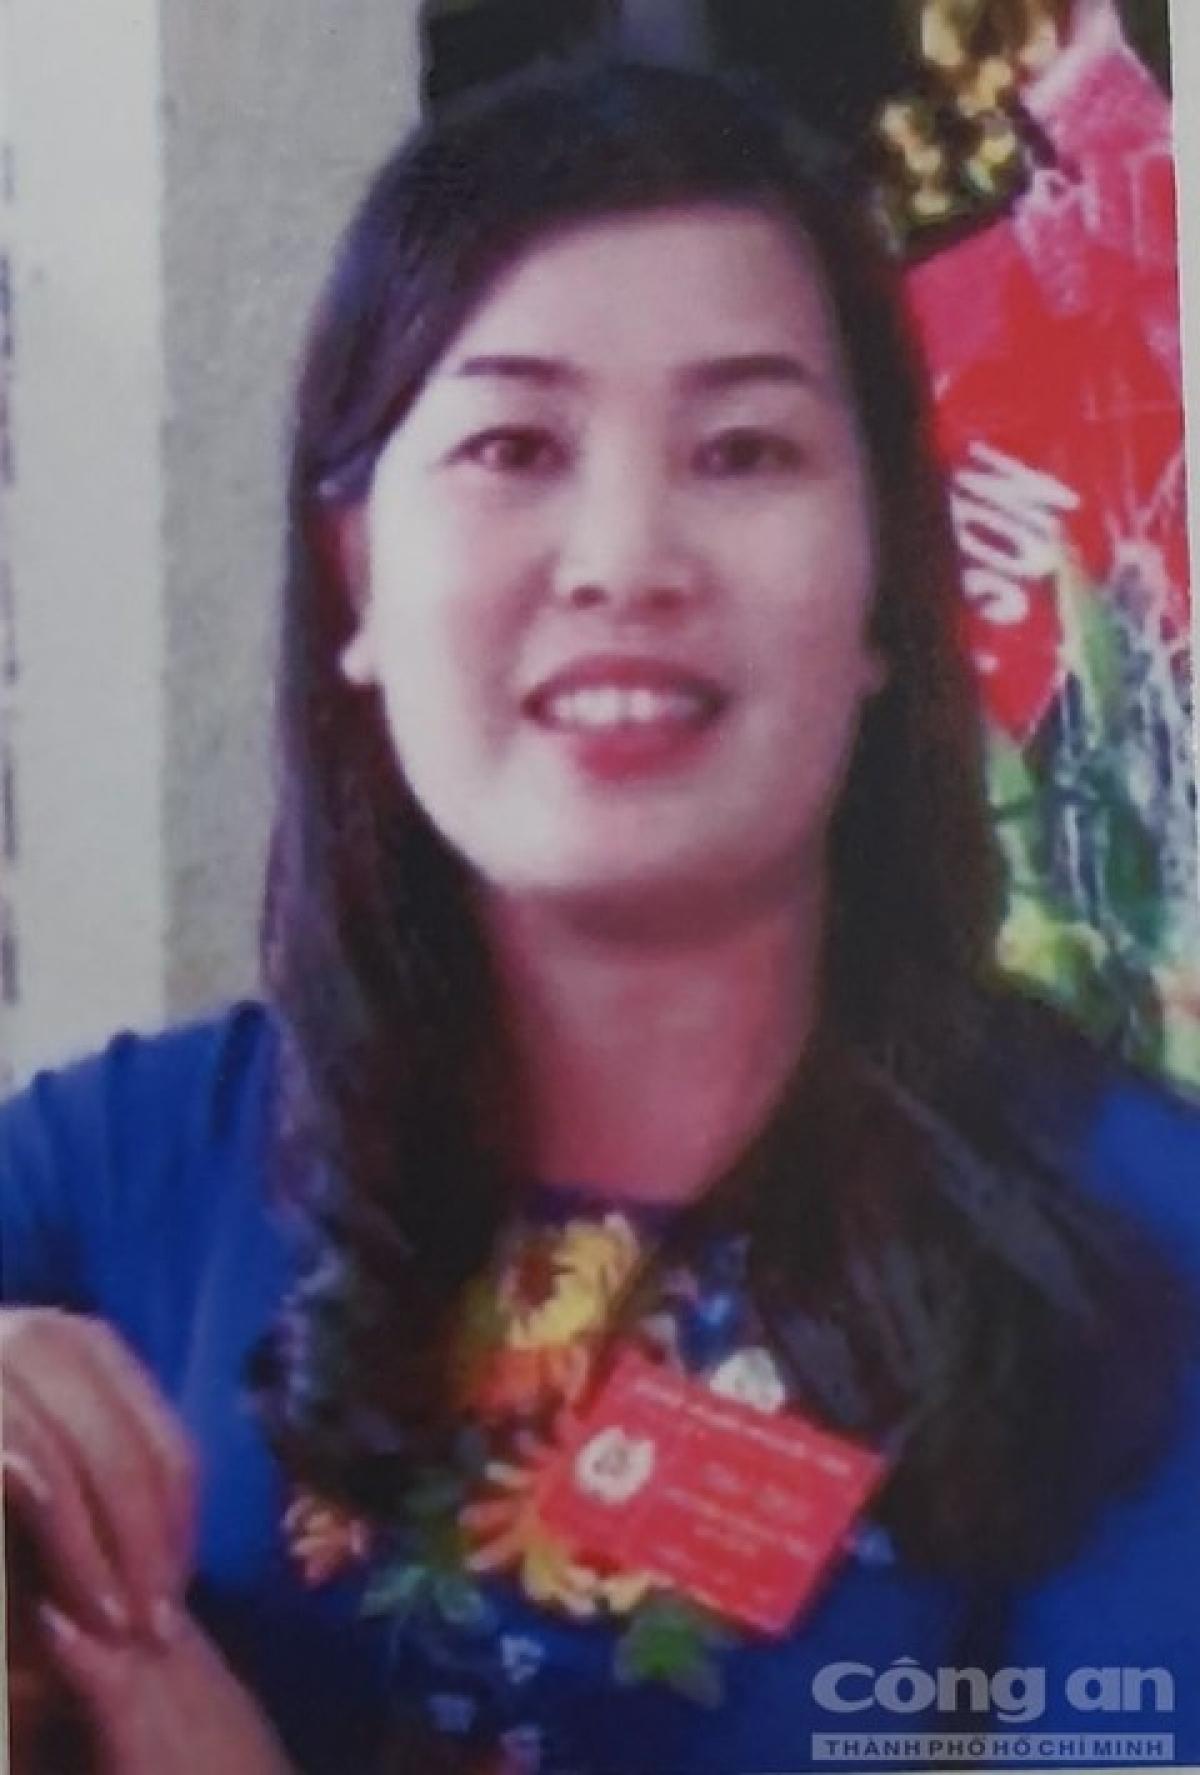 Mã Thị Ngọc Nga bị khởi tố bắt giam, đang bỏ trốn và bị Cơ quan CSĐT truy bắt.